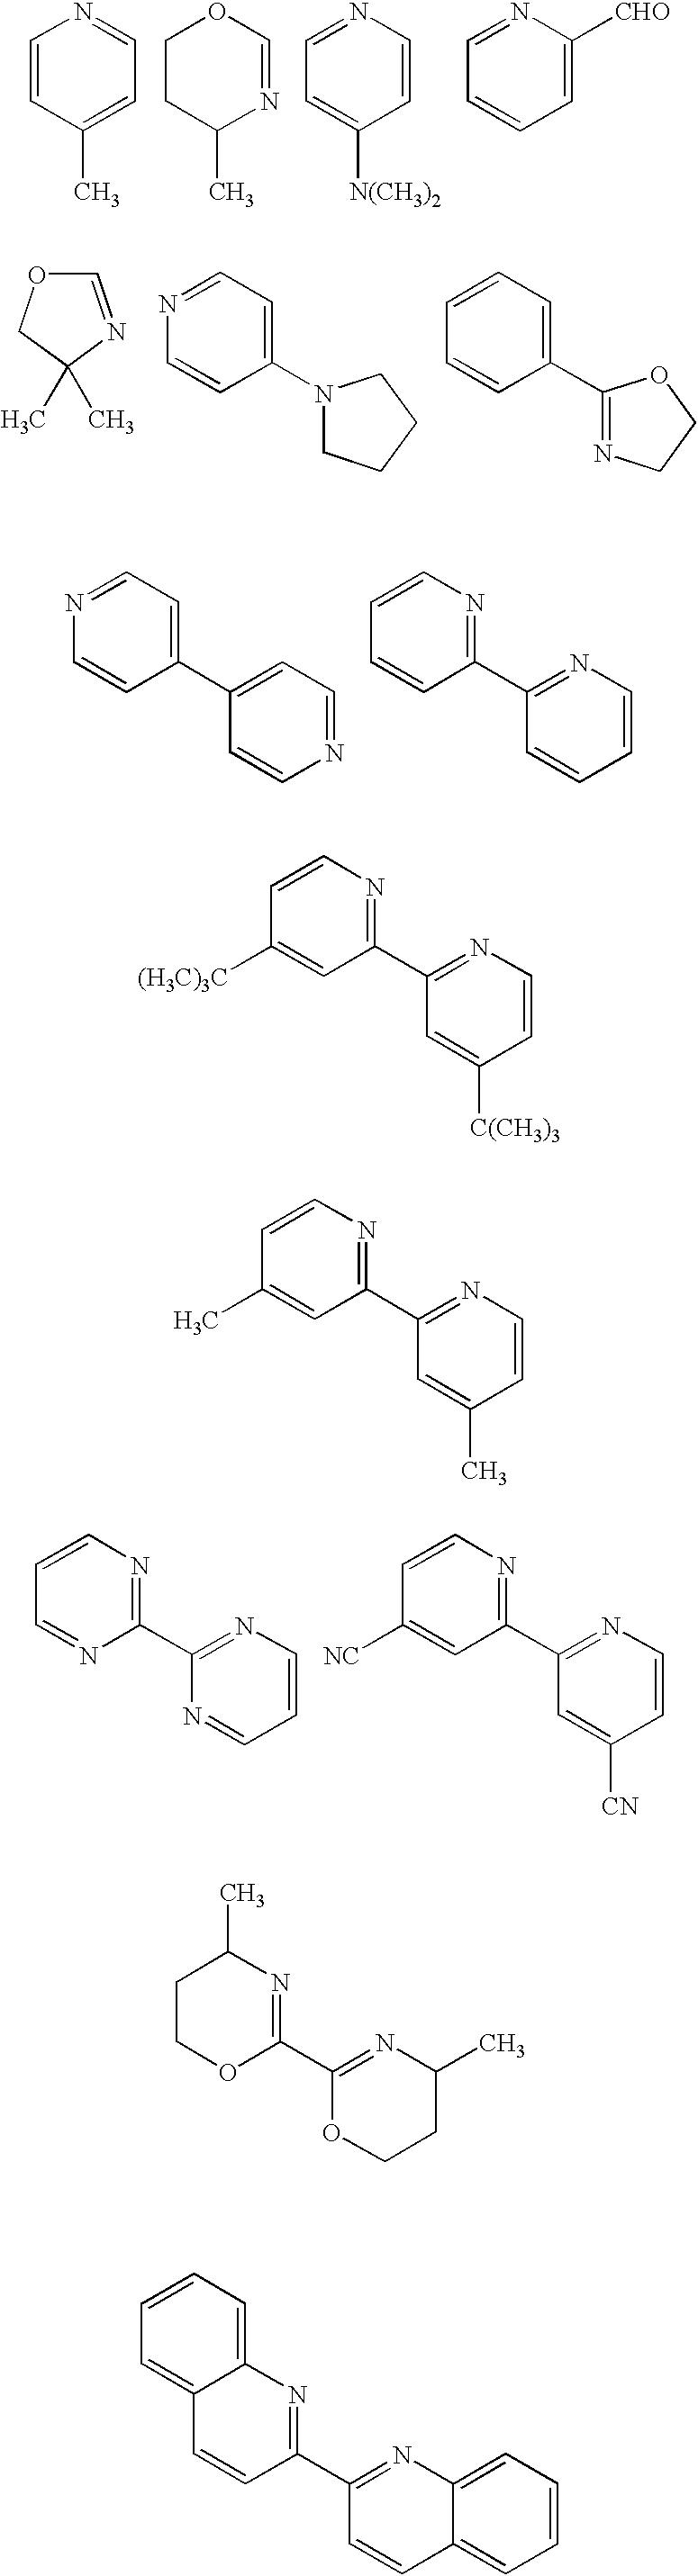 Figure US06818586-20041116-C00010